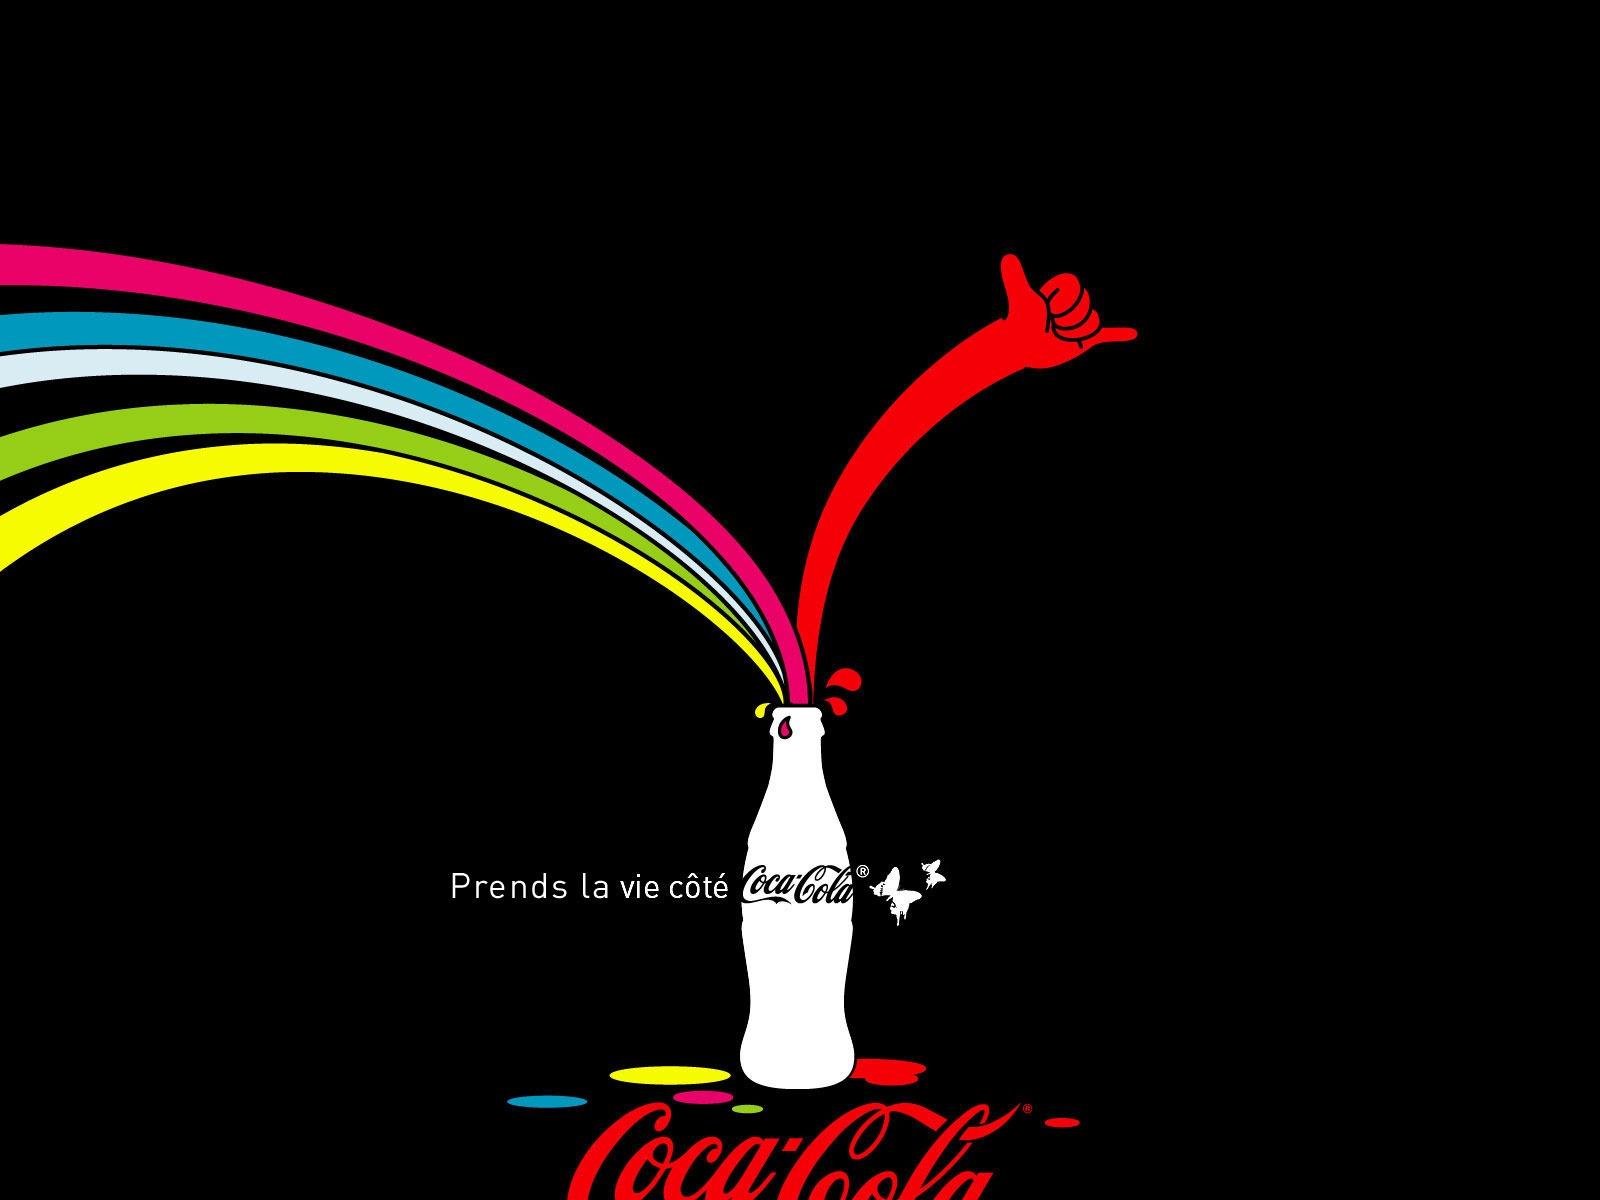 向改变者致敬--百事可乐出了个逆天的包装